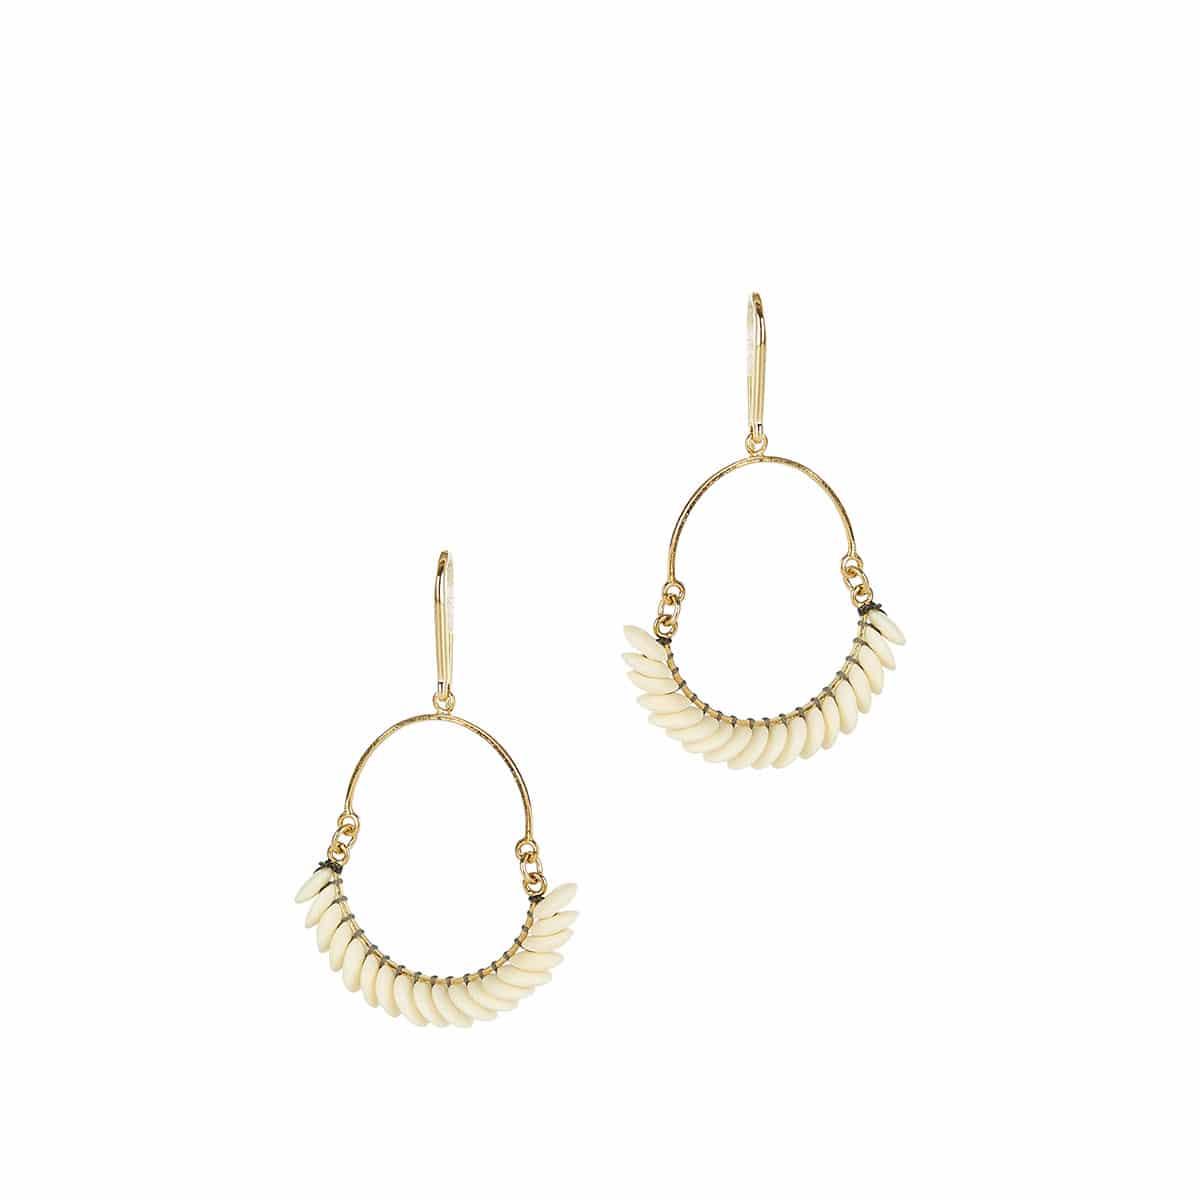 Tribal beaded hoop earrings